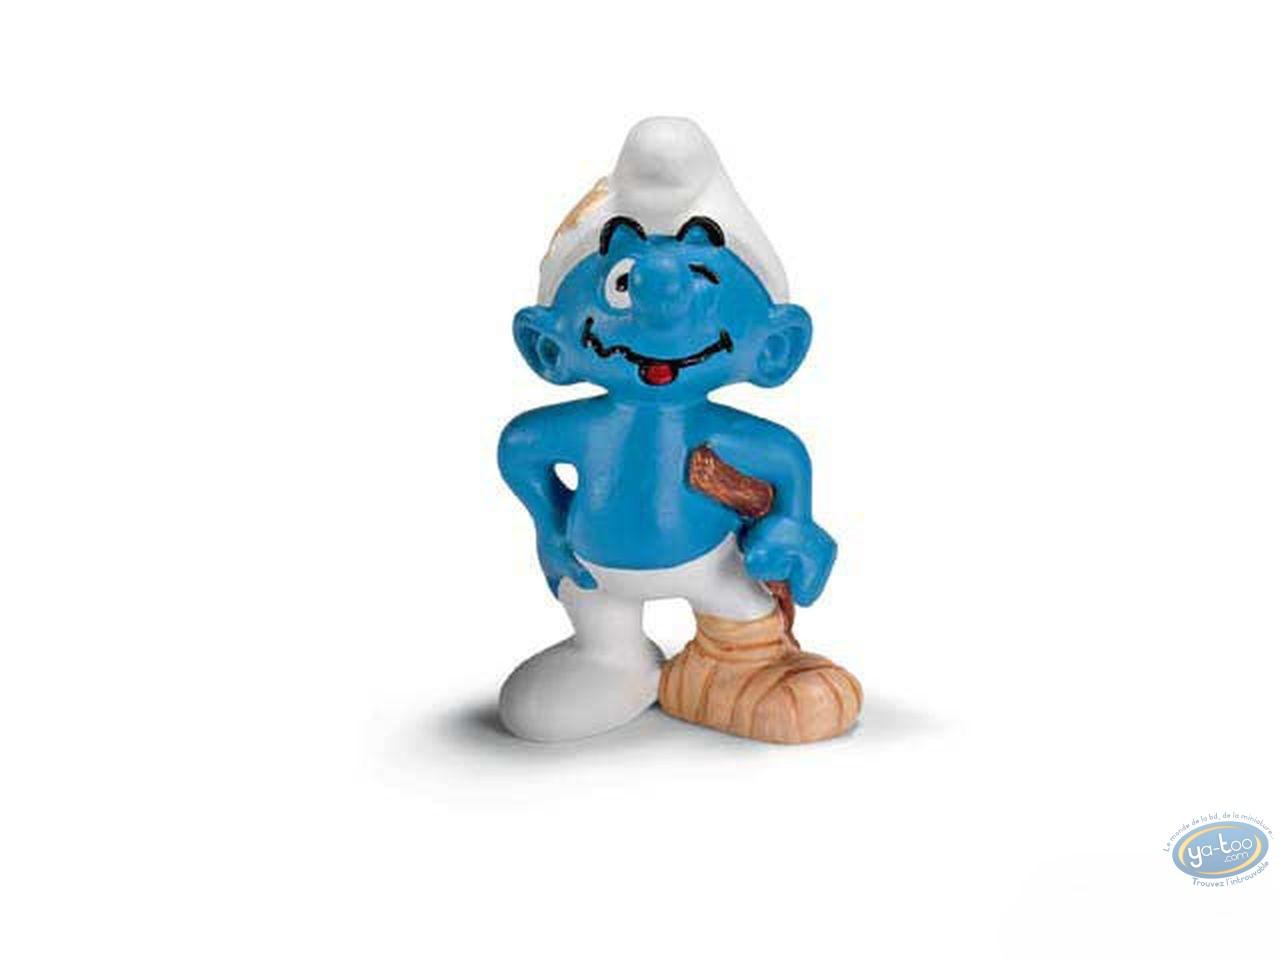 Plastic Figurine, Smurfs (The) : Stuntman Smurf